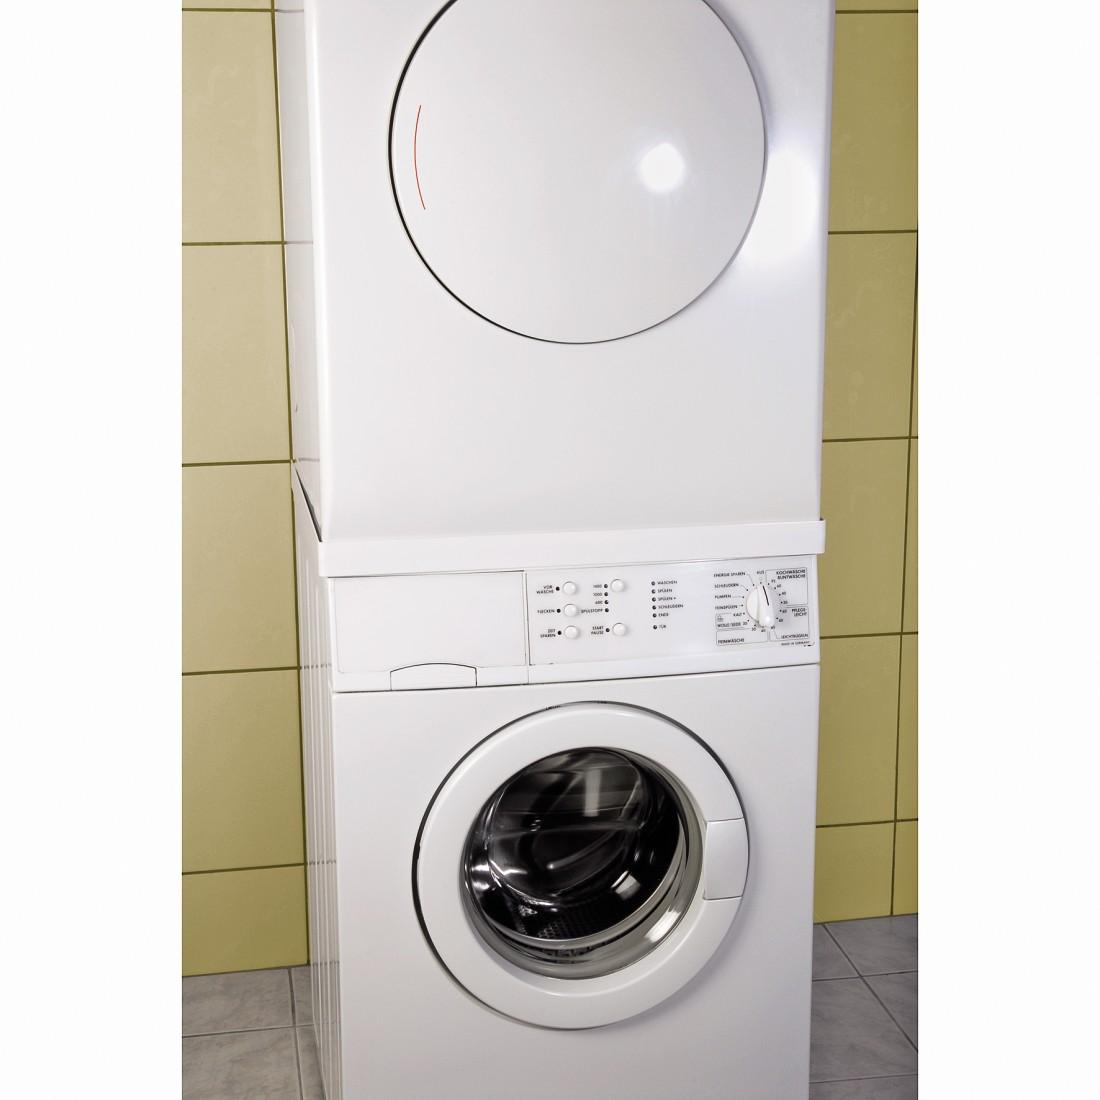 00110815 xavax zwischenbausatz f r waschmaschine trockner. Black Bedroom Furniture Sets. Home Design Ideas